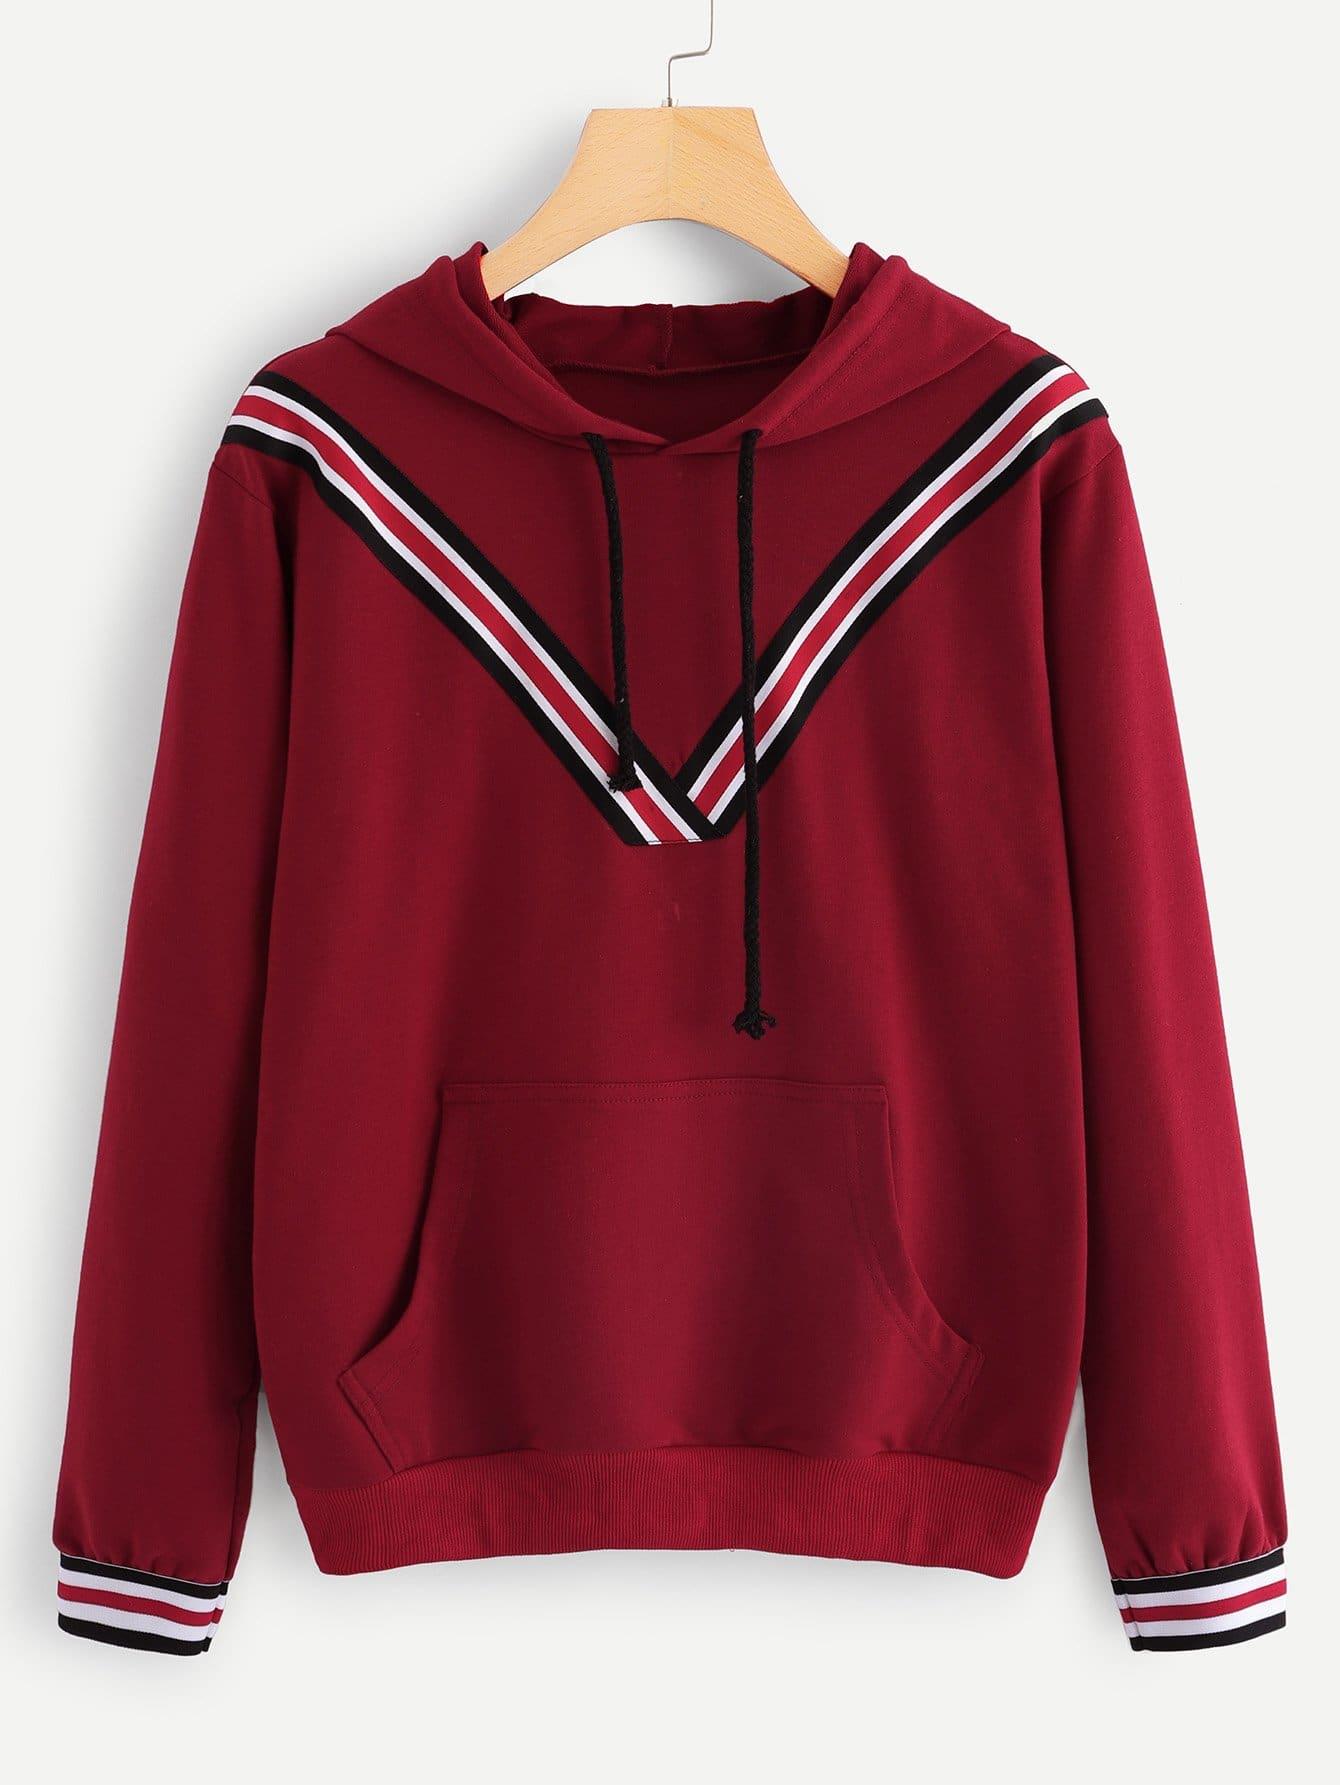 Купить Повседневный Полосатые изображения на кулиске Пуловеры Бордовый Свитшоты, null, SheIn